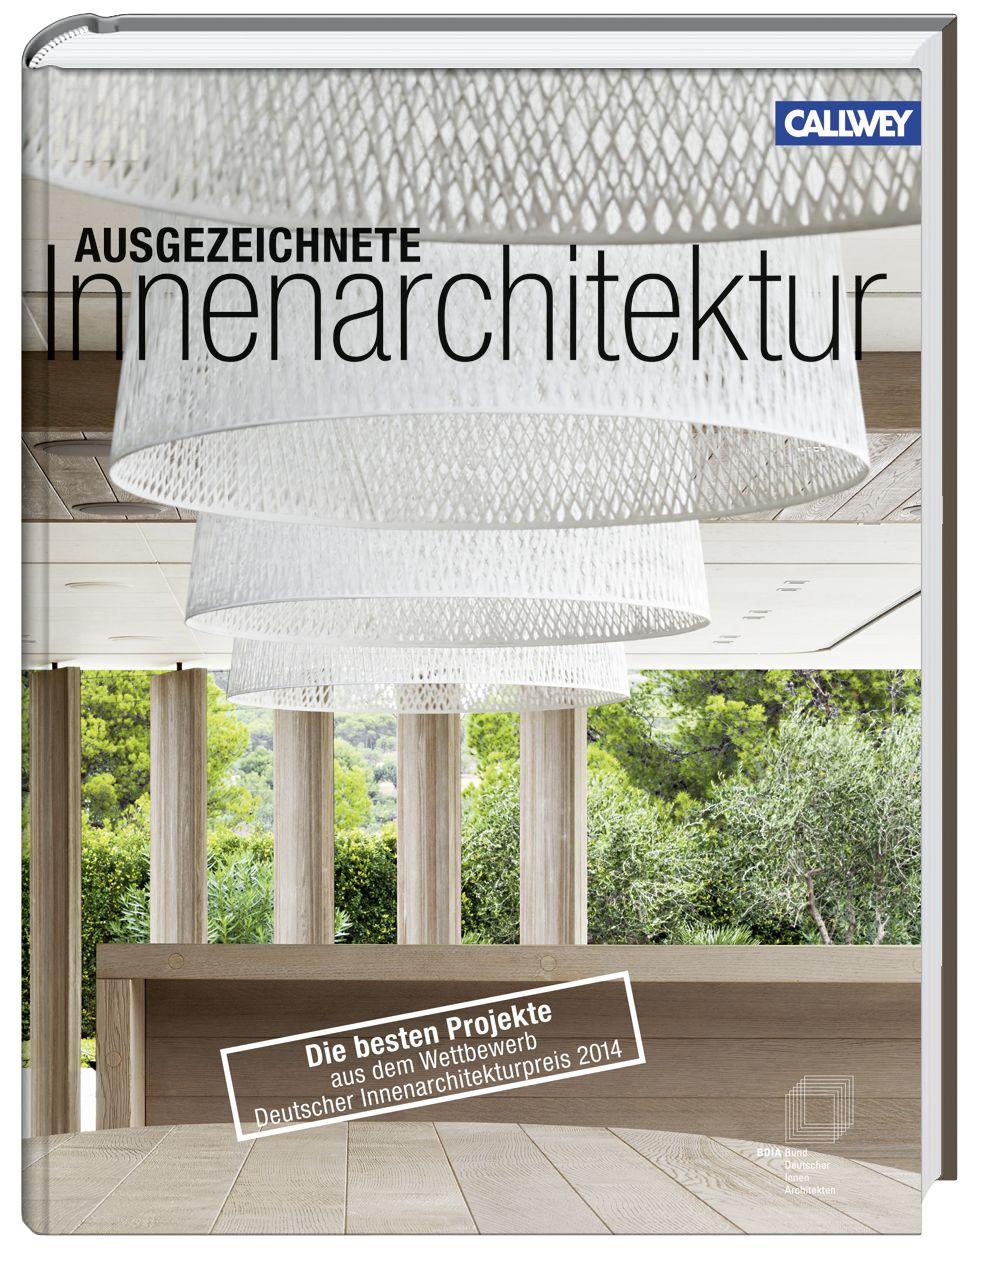 innenarchitektur wettbewerbe 2014 – dogmatise, Innenarchitektur ideen